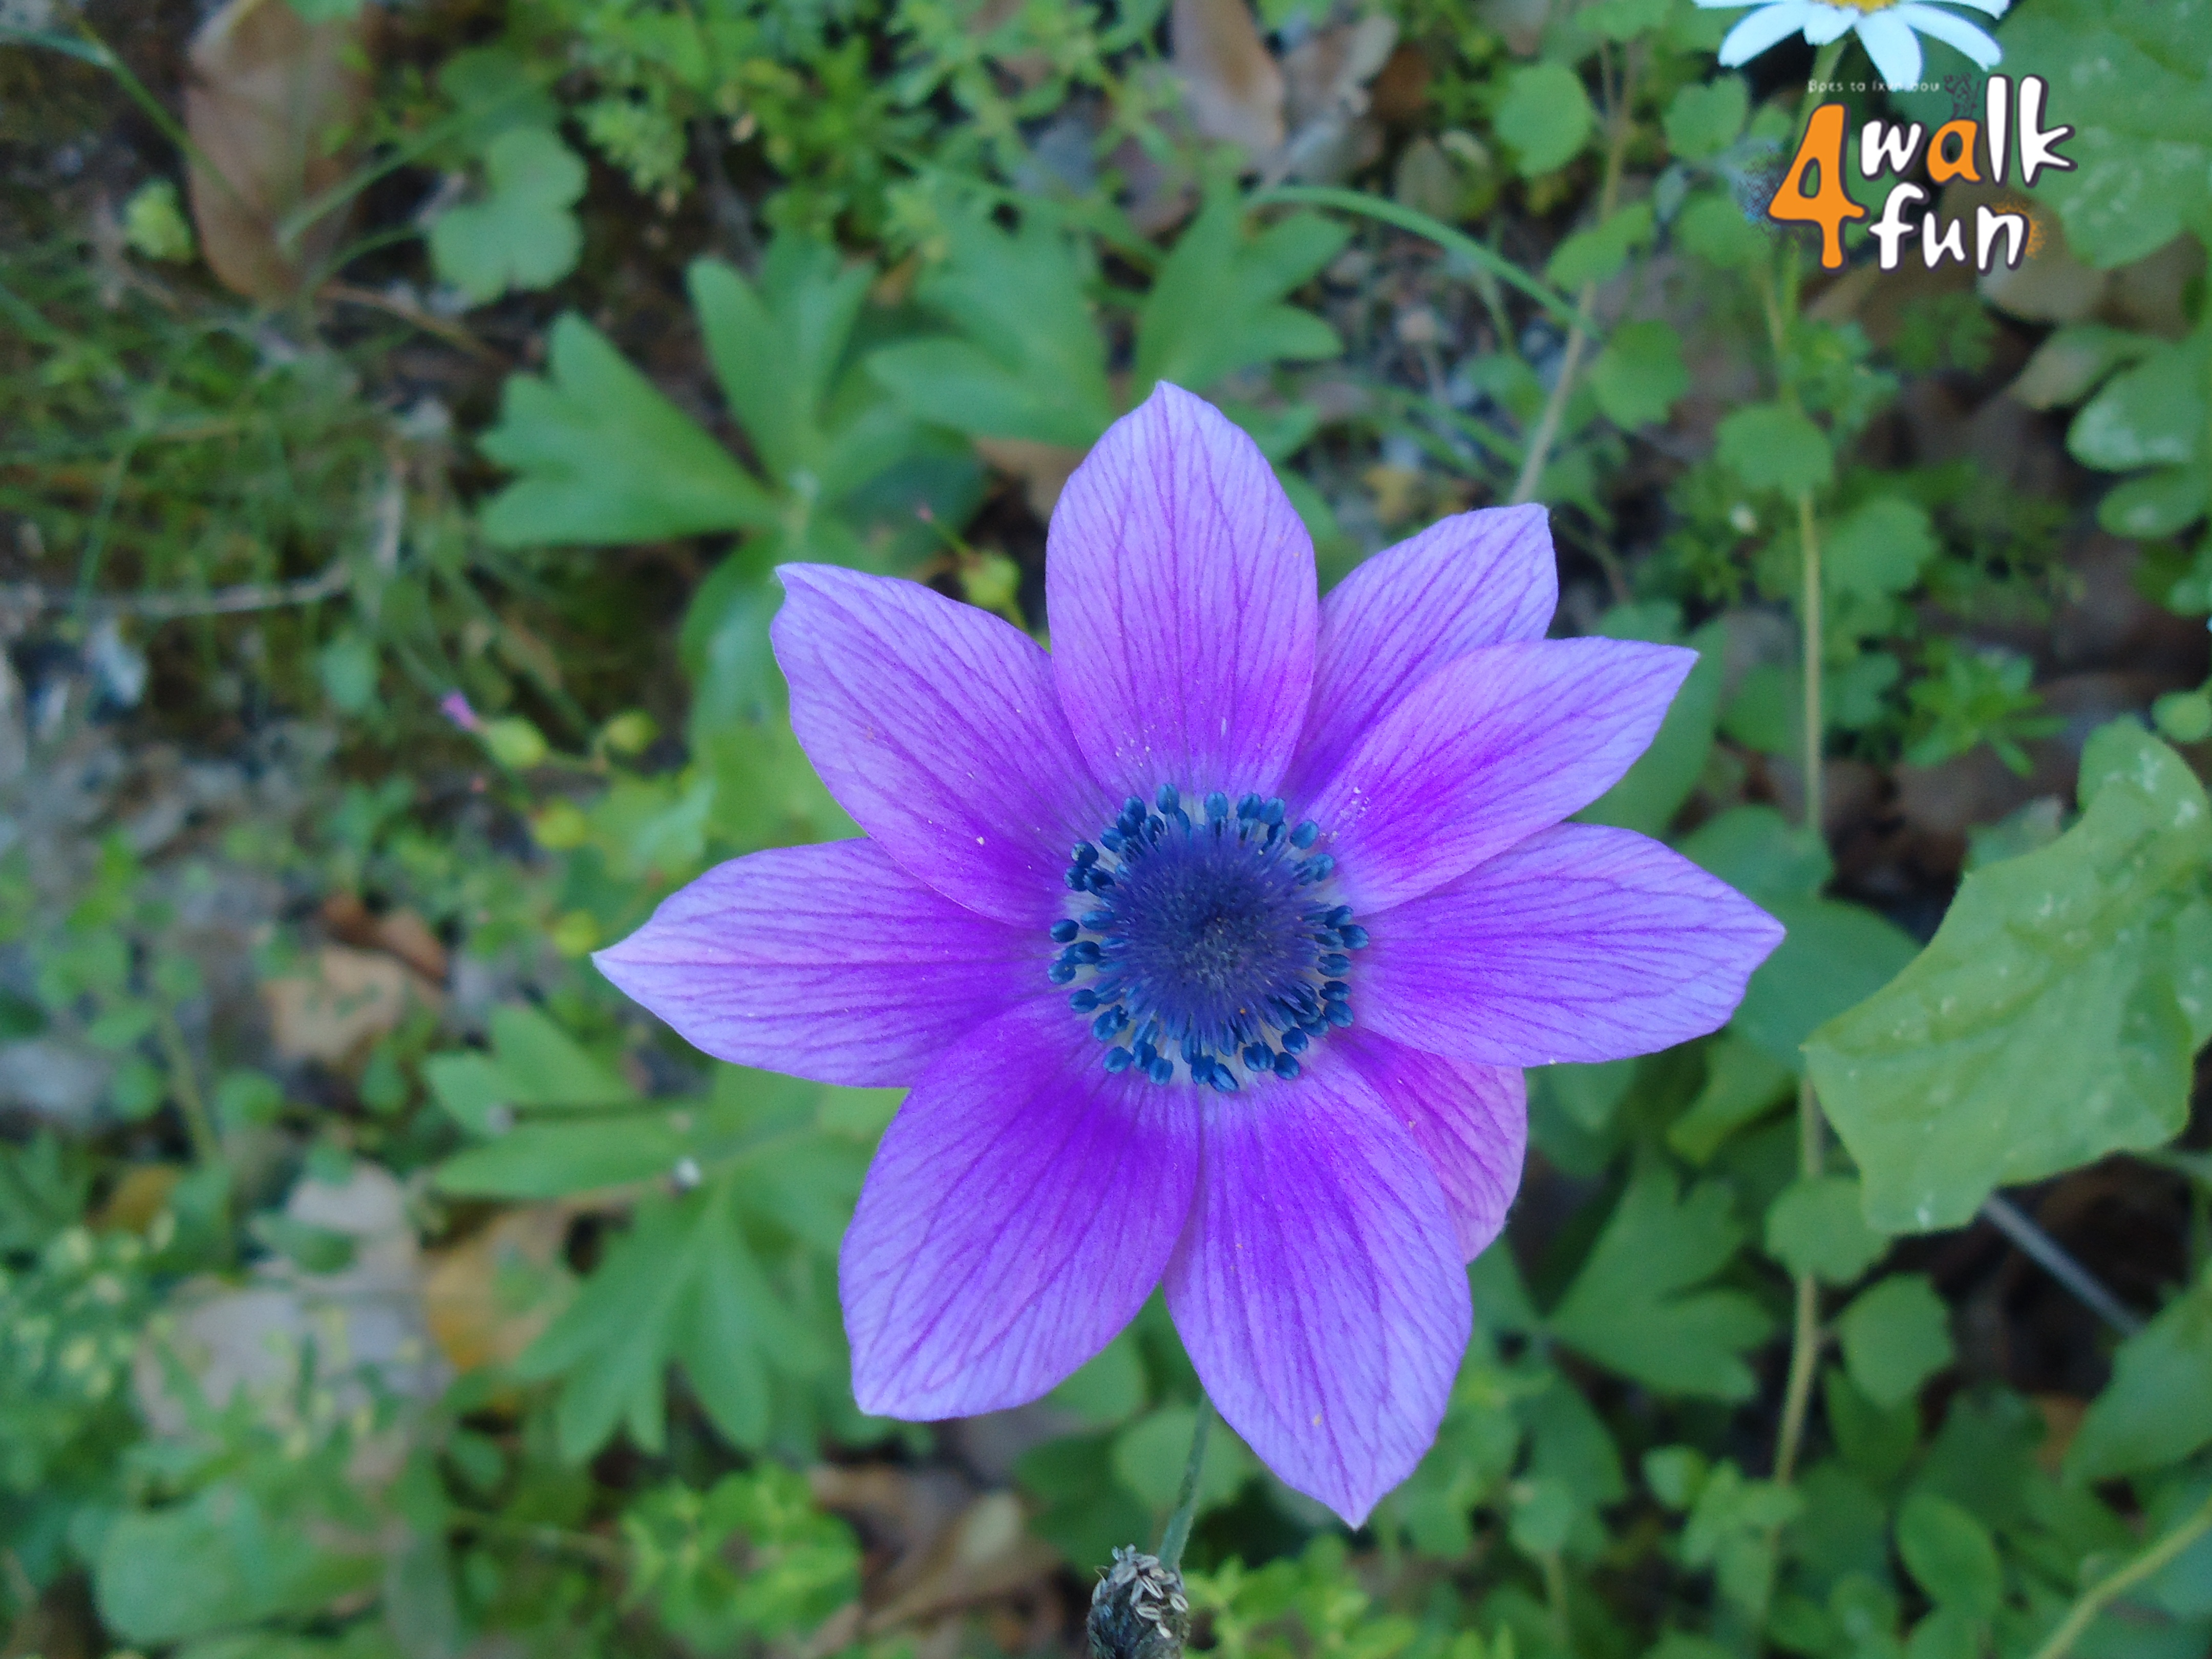 Gemütlich Frühling Färbung Aktivitäten Bilder - Malvorlagen-Ideen ...